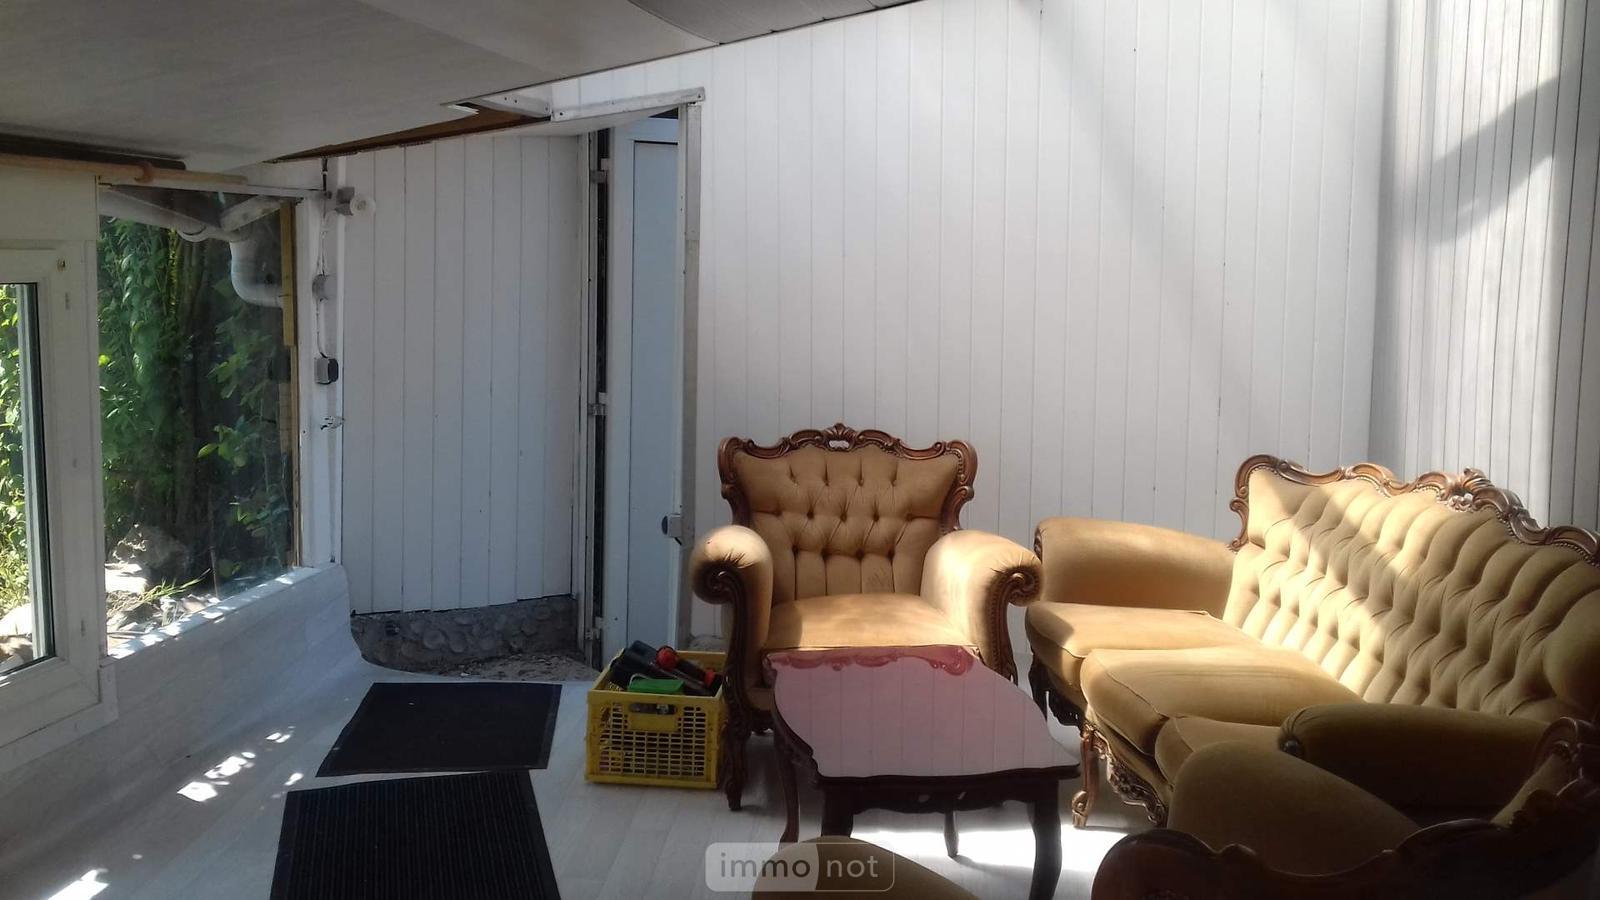 Terrains de loisirs bois etangs a vendre Saint-Georges-de-Reintembault 35420 Ille-et-Vilaine 3500 m2  99560 euros